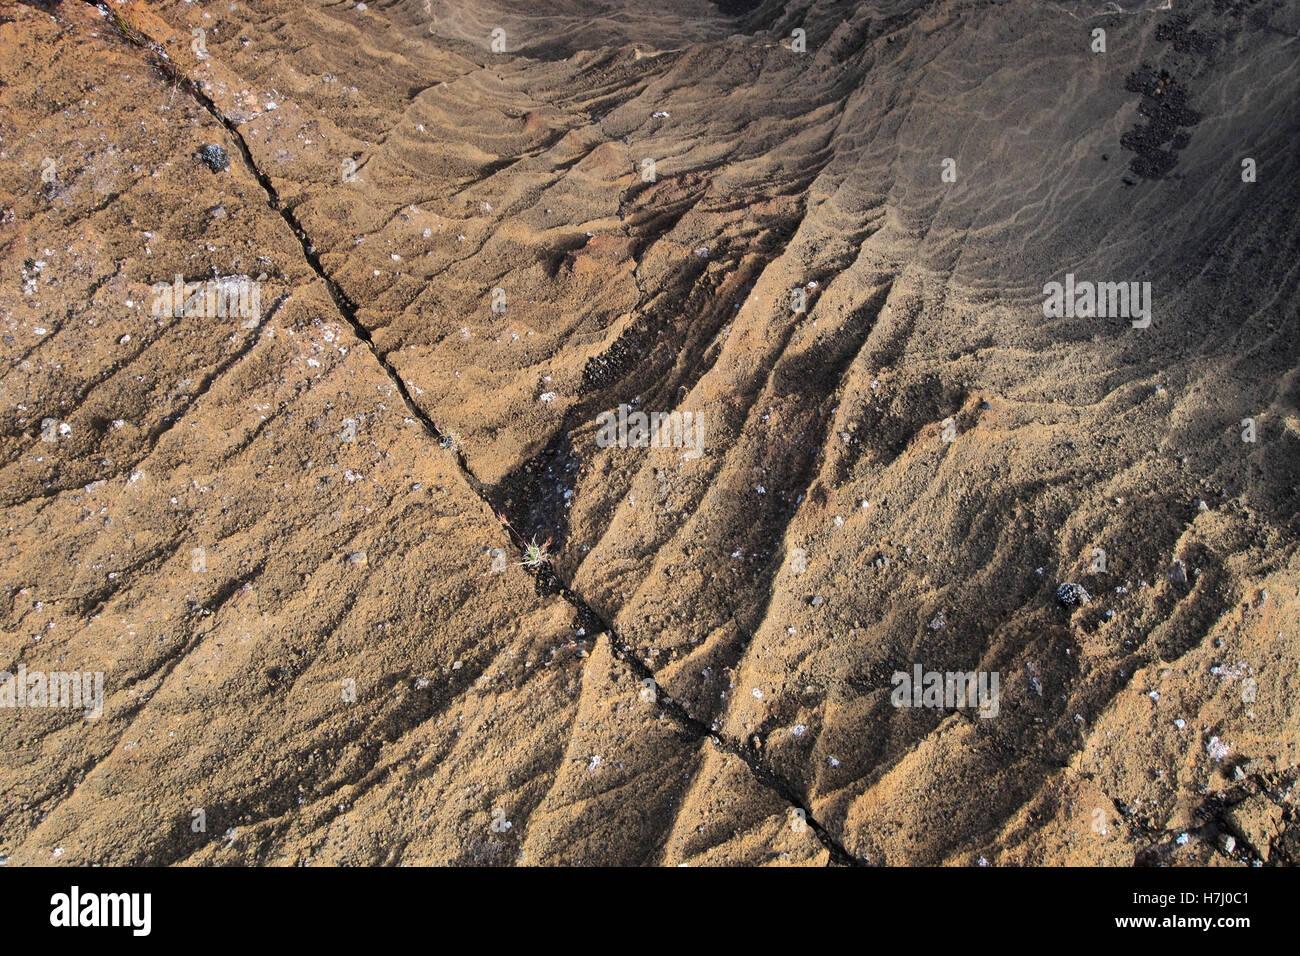 Volcanic Rock patterns in Reykjanesfólkvangur, Iceland - Stock Image